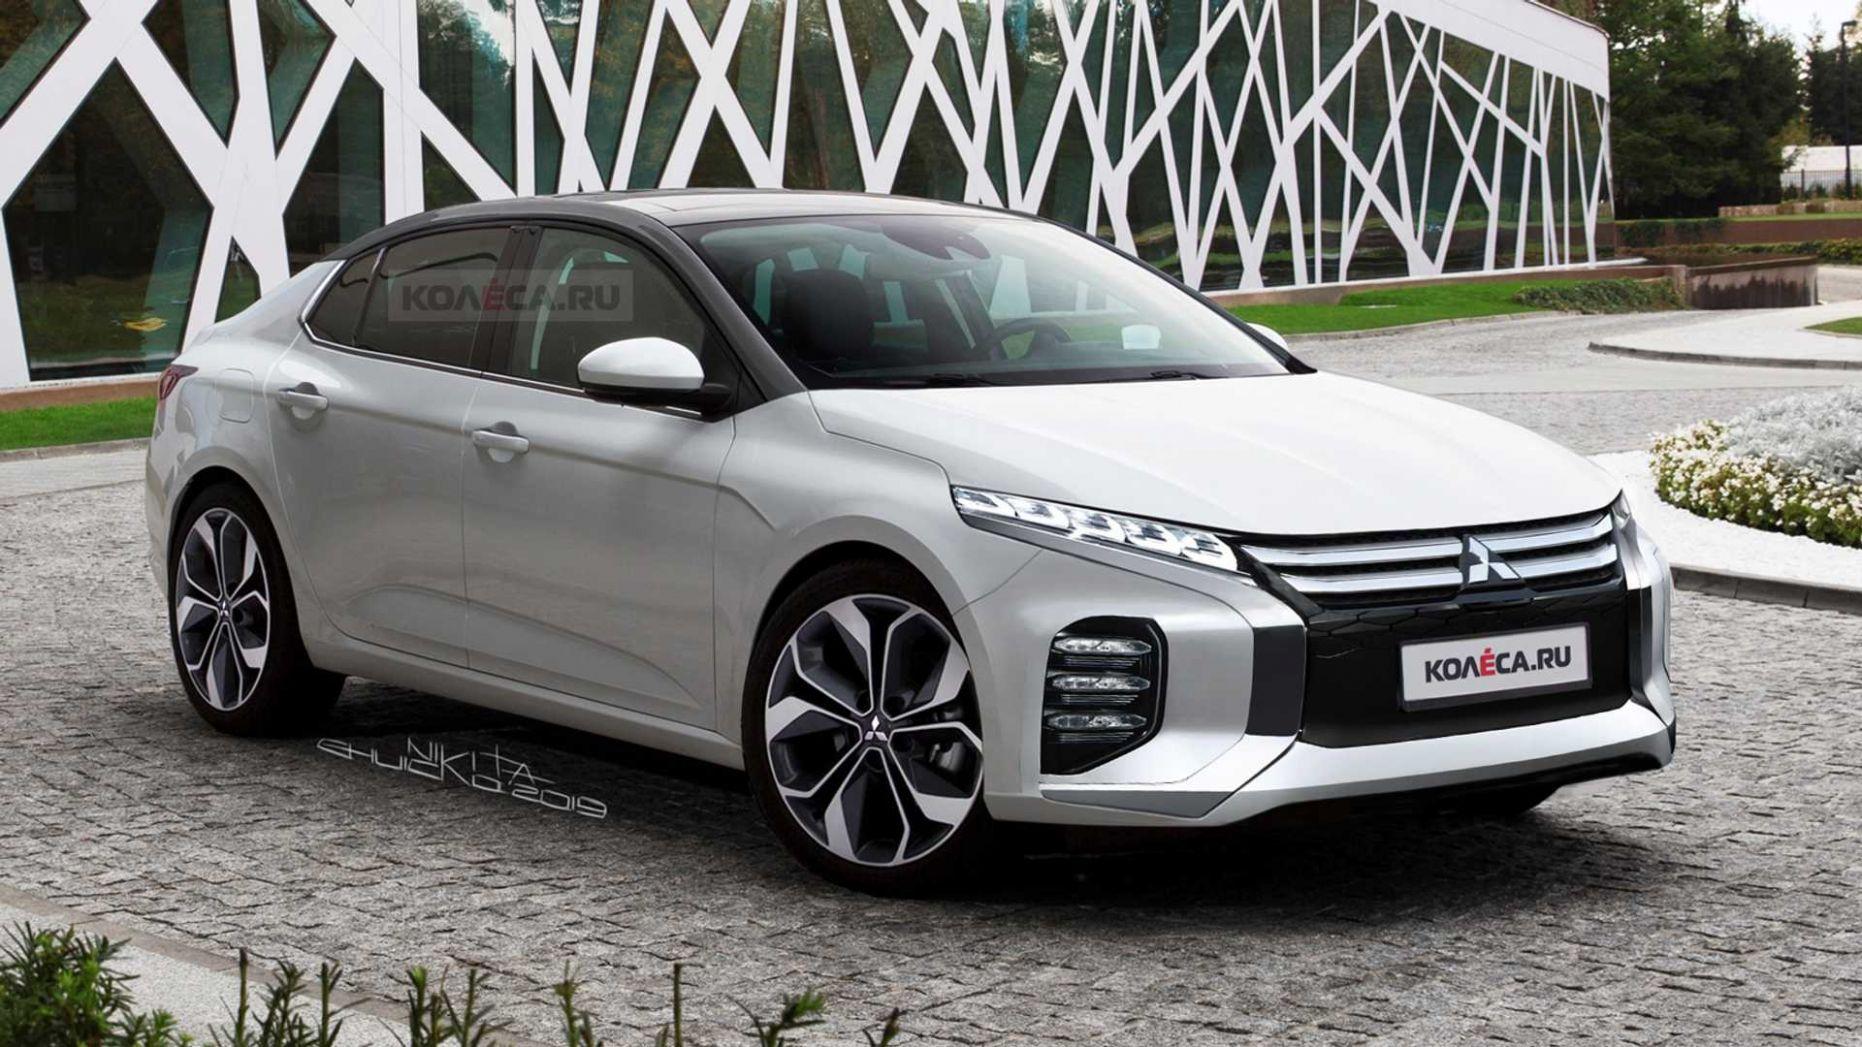 Mitsubishi Sedan 2020 Specs And Review Di 2020 Sedan